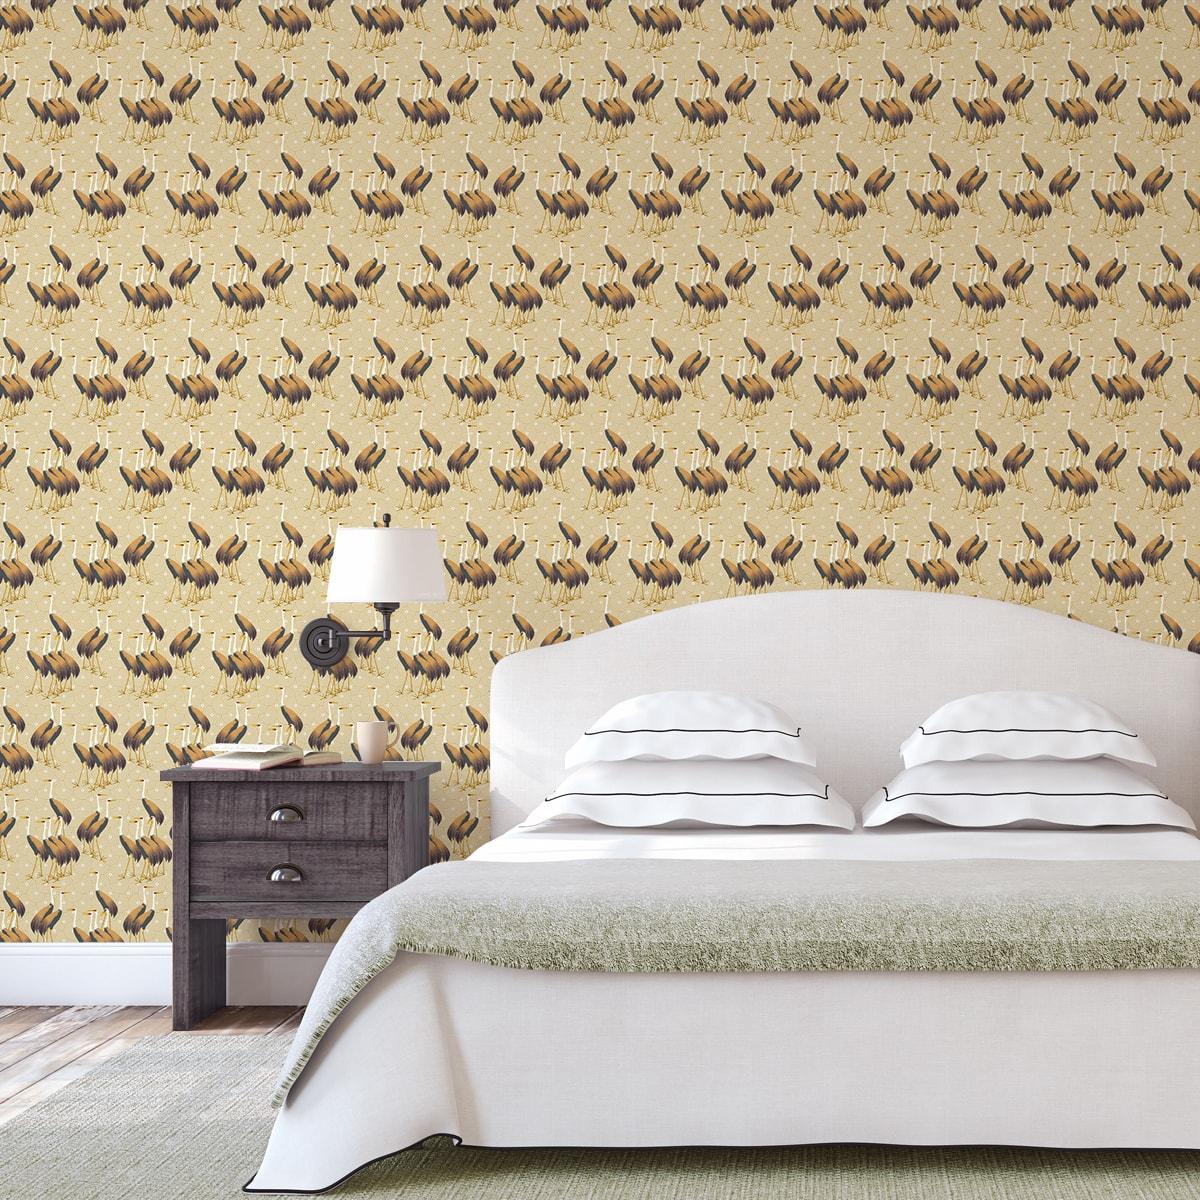 Tapete Wohnzimmer creme: Feine Design Tapete